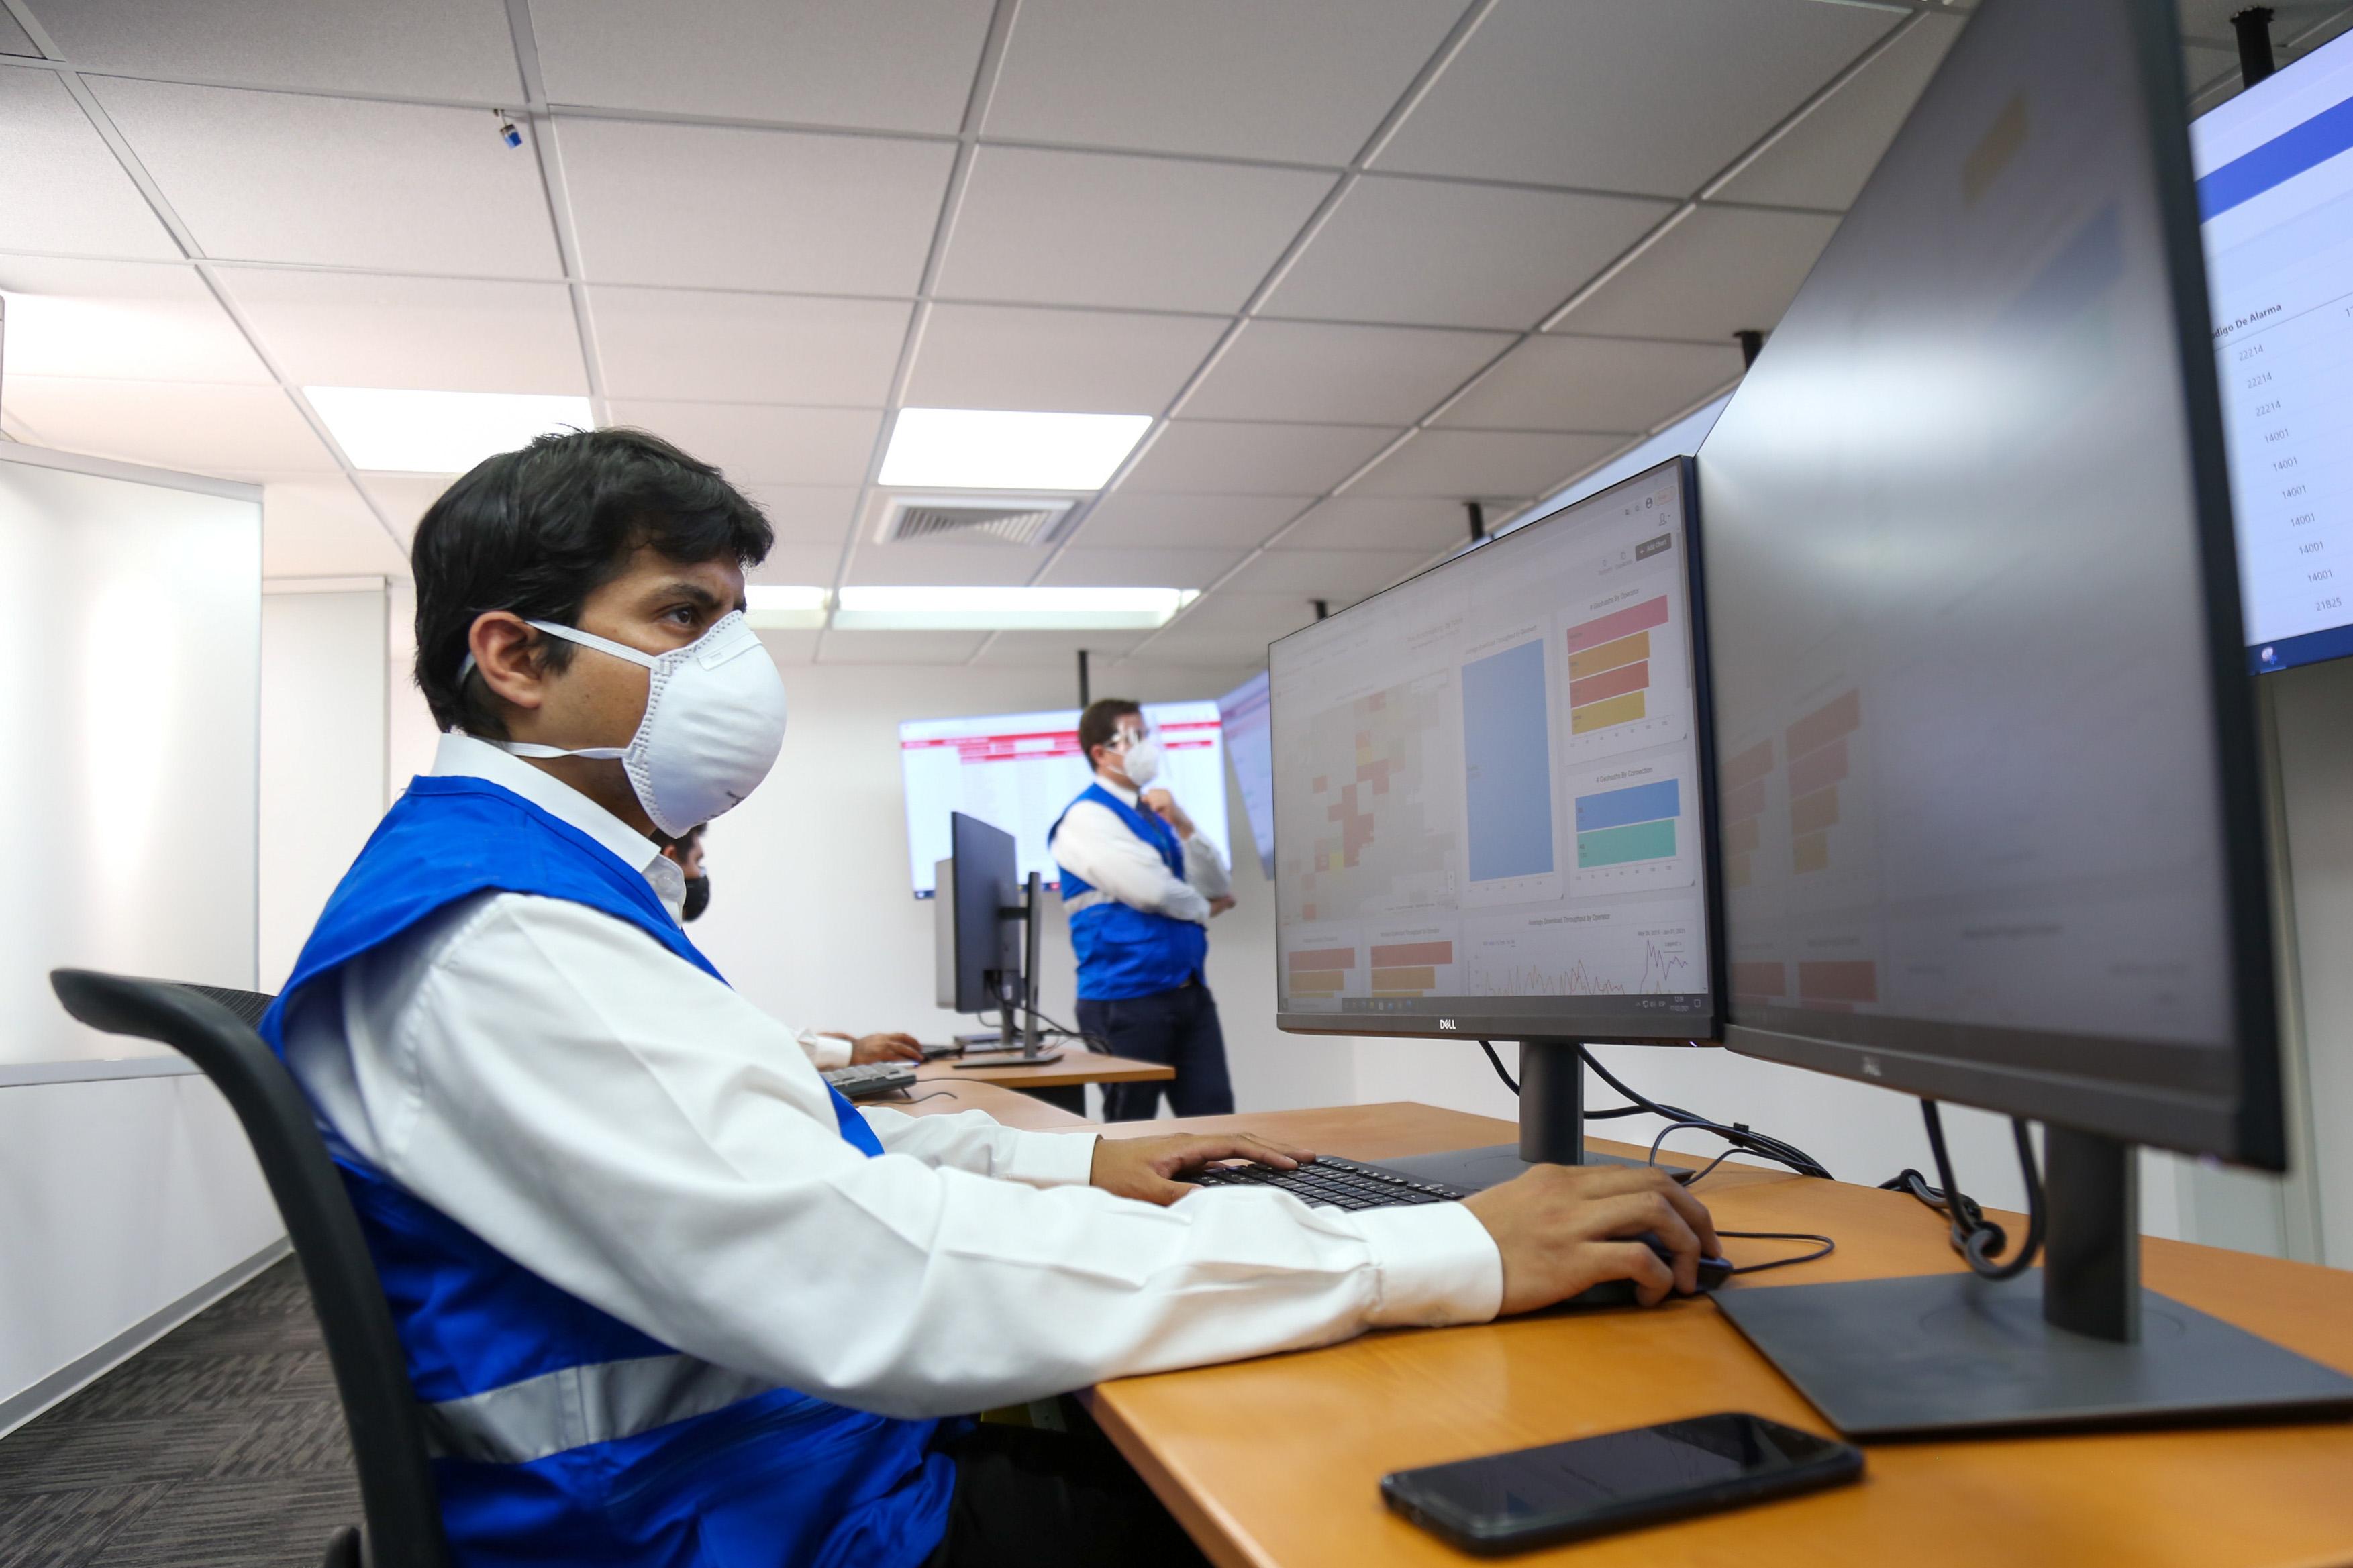 OSIPTEL trabaja en la implementación de herramientas digitales para monitorear calidad del servicio de internet móvil